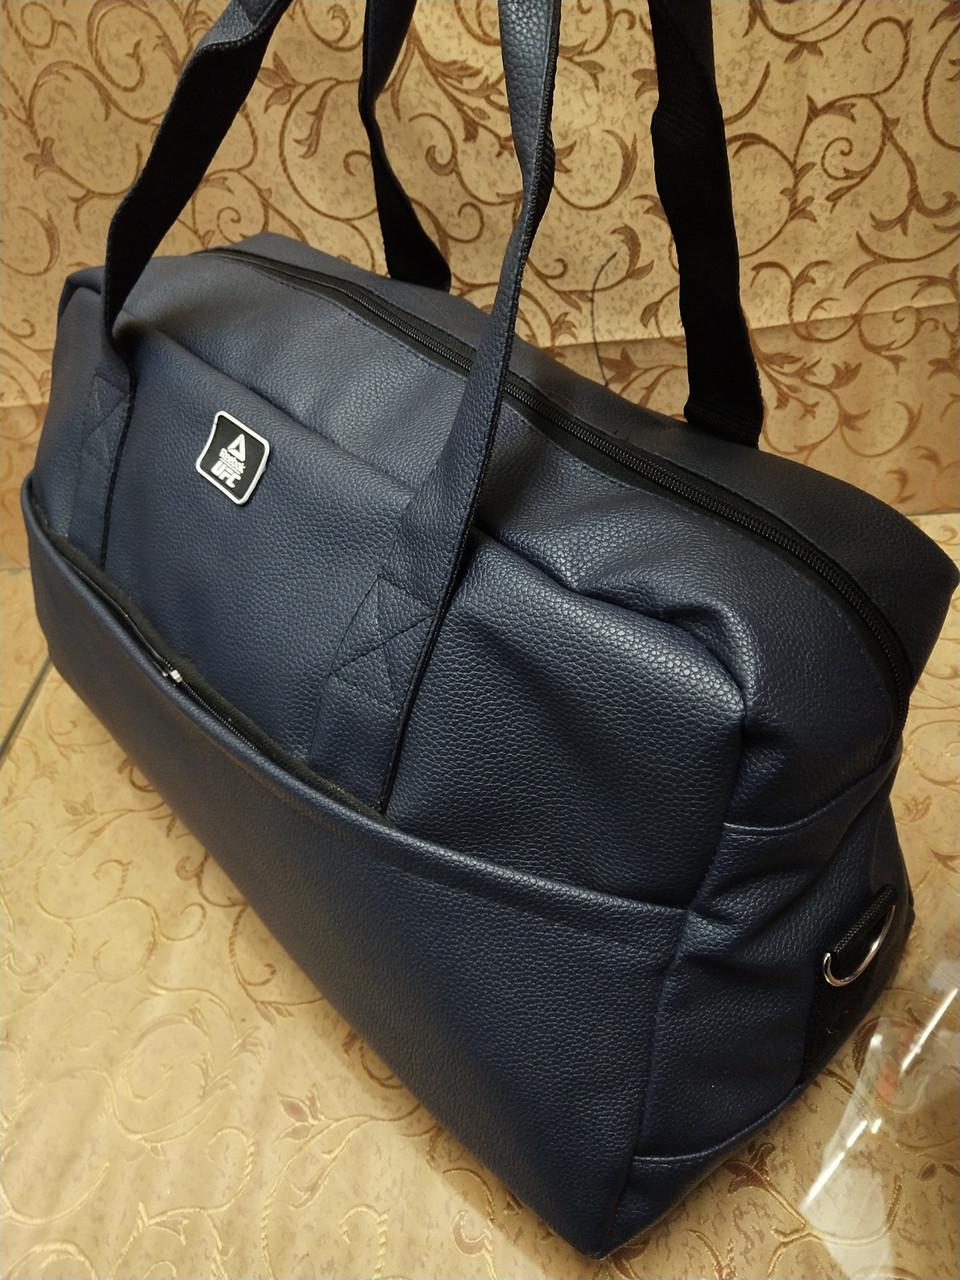 Спортивная дорожная сумка REEBOK-UFC искусств кожа высококачественный сумка  Унисекс спортивная и стильный опт - 48a15d0a3ec01